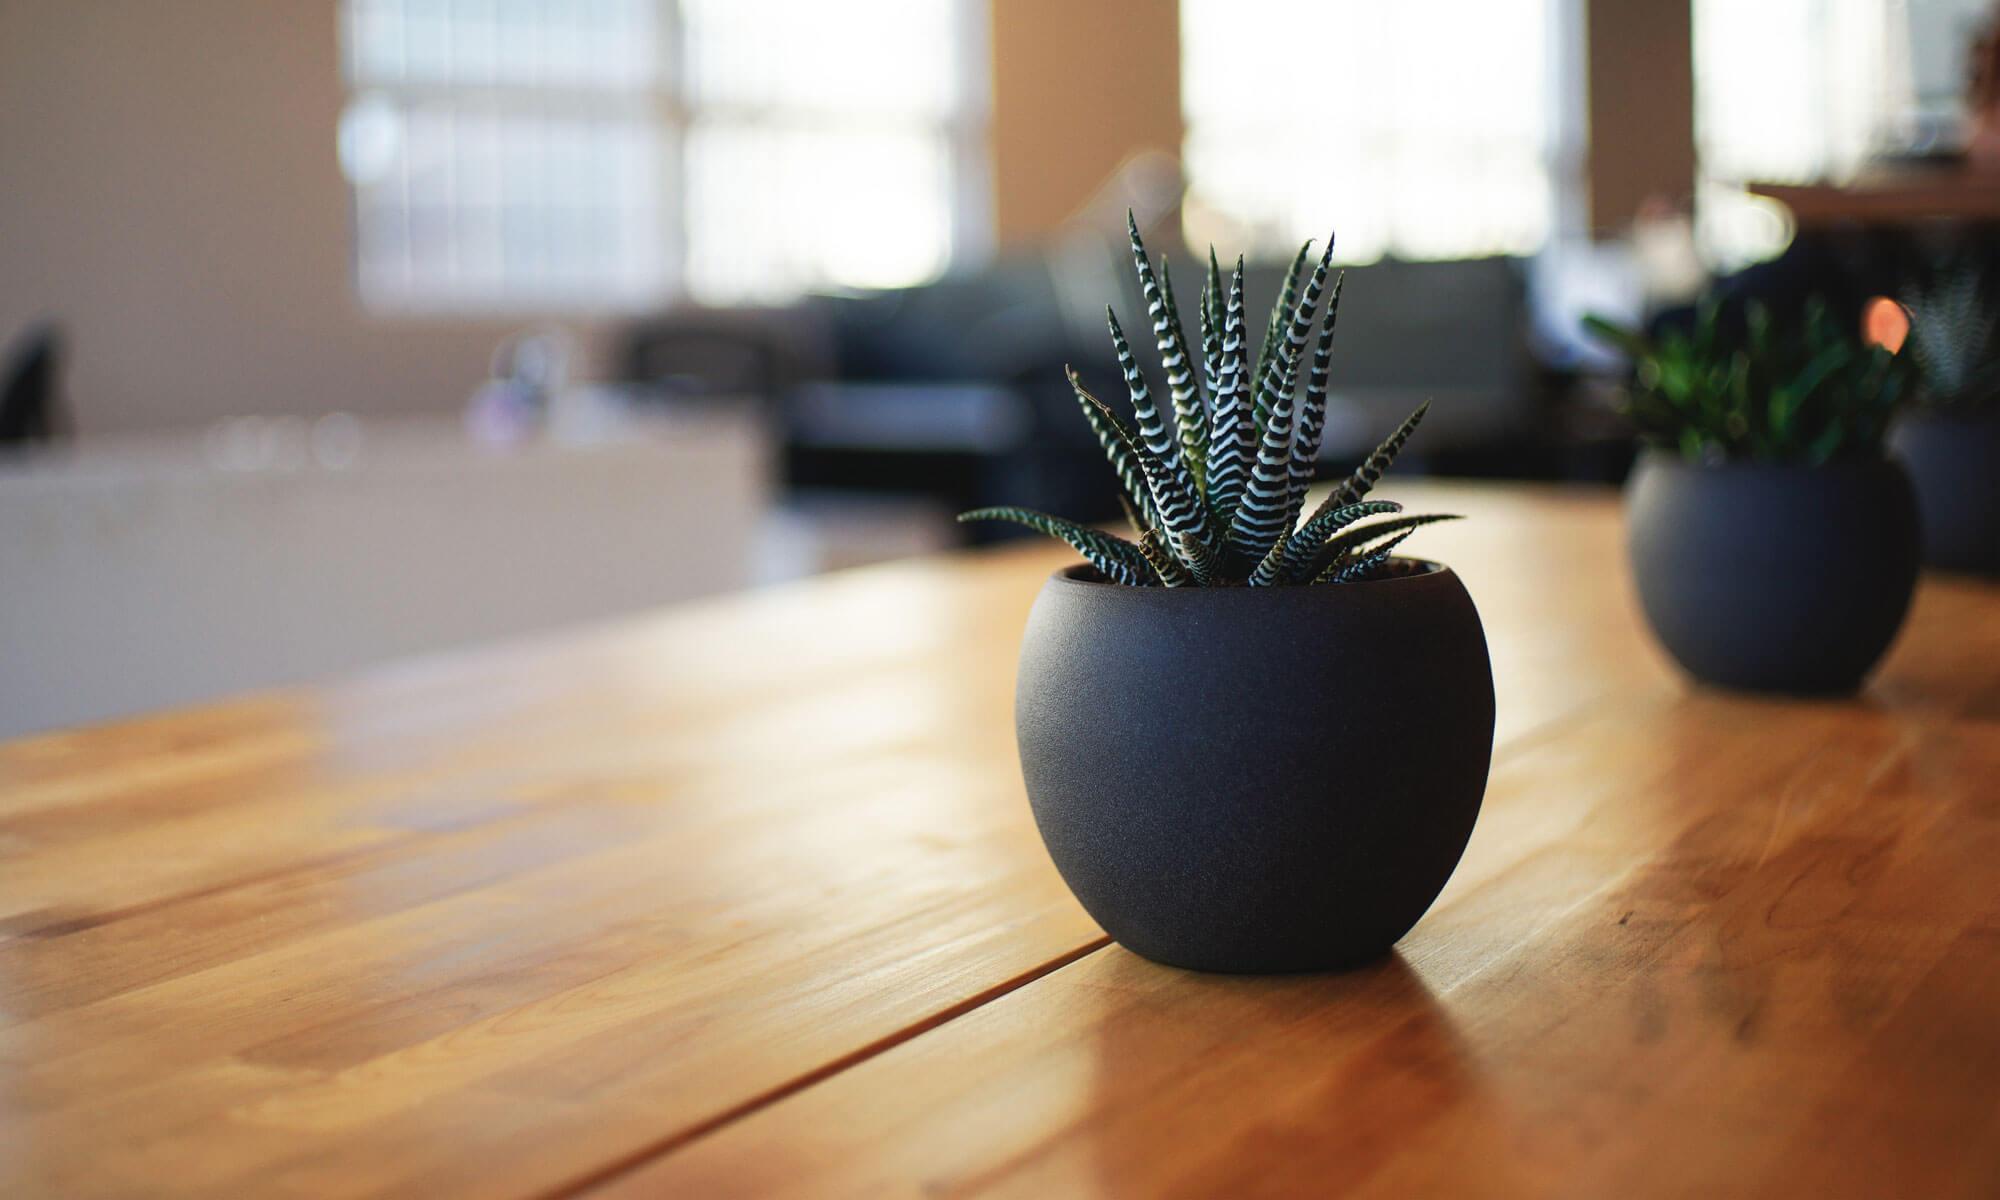 Möbel einlagern in düsseldorf leicht gemacht